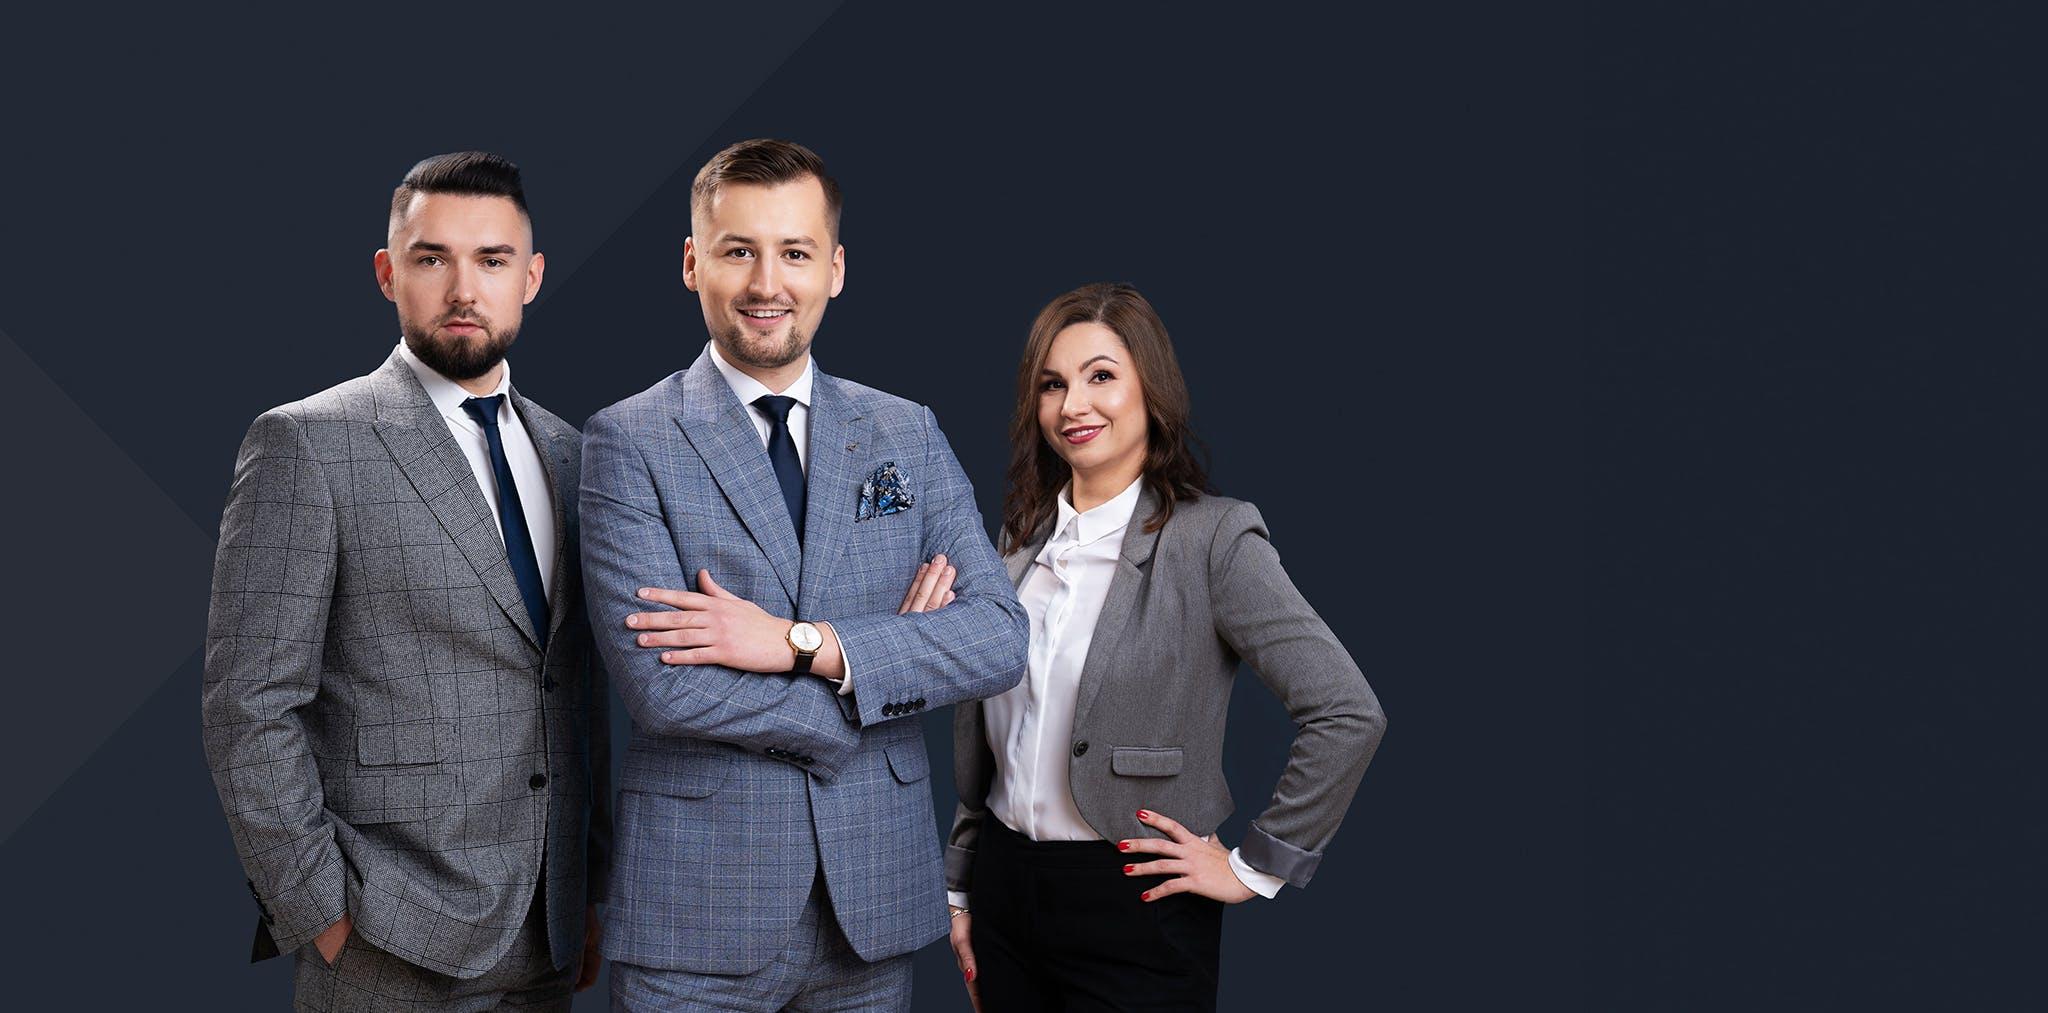 Lider Nieruchomości Otodom 2020, województwo podkarpackie: Opaliński Nieruchomości